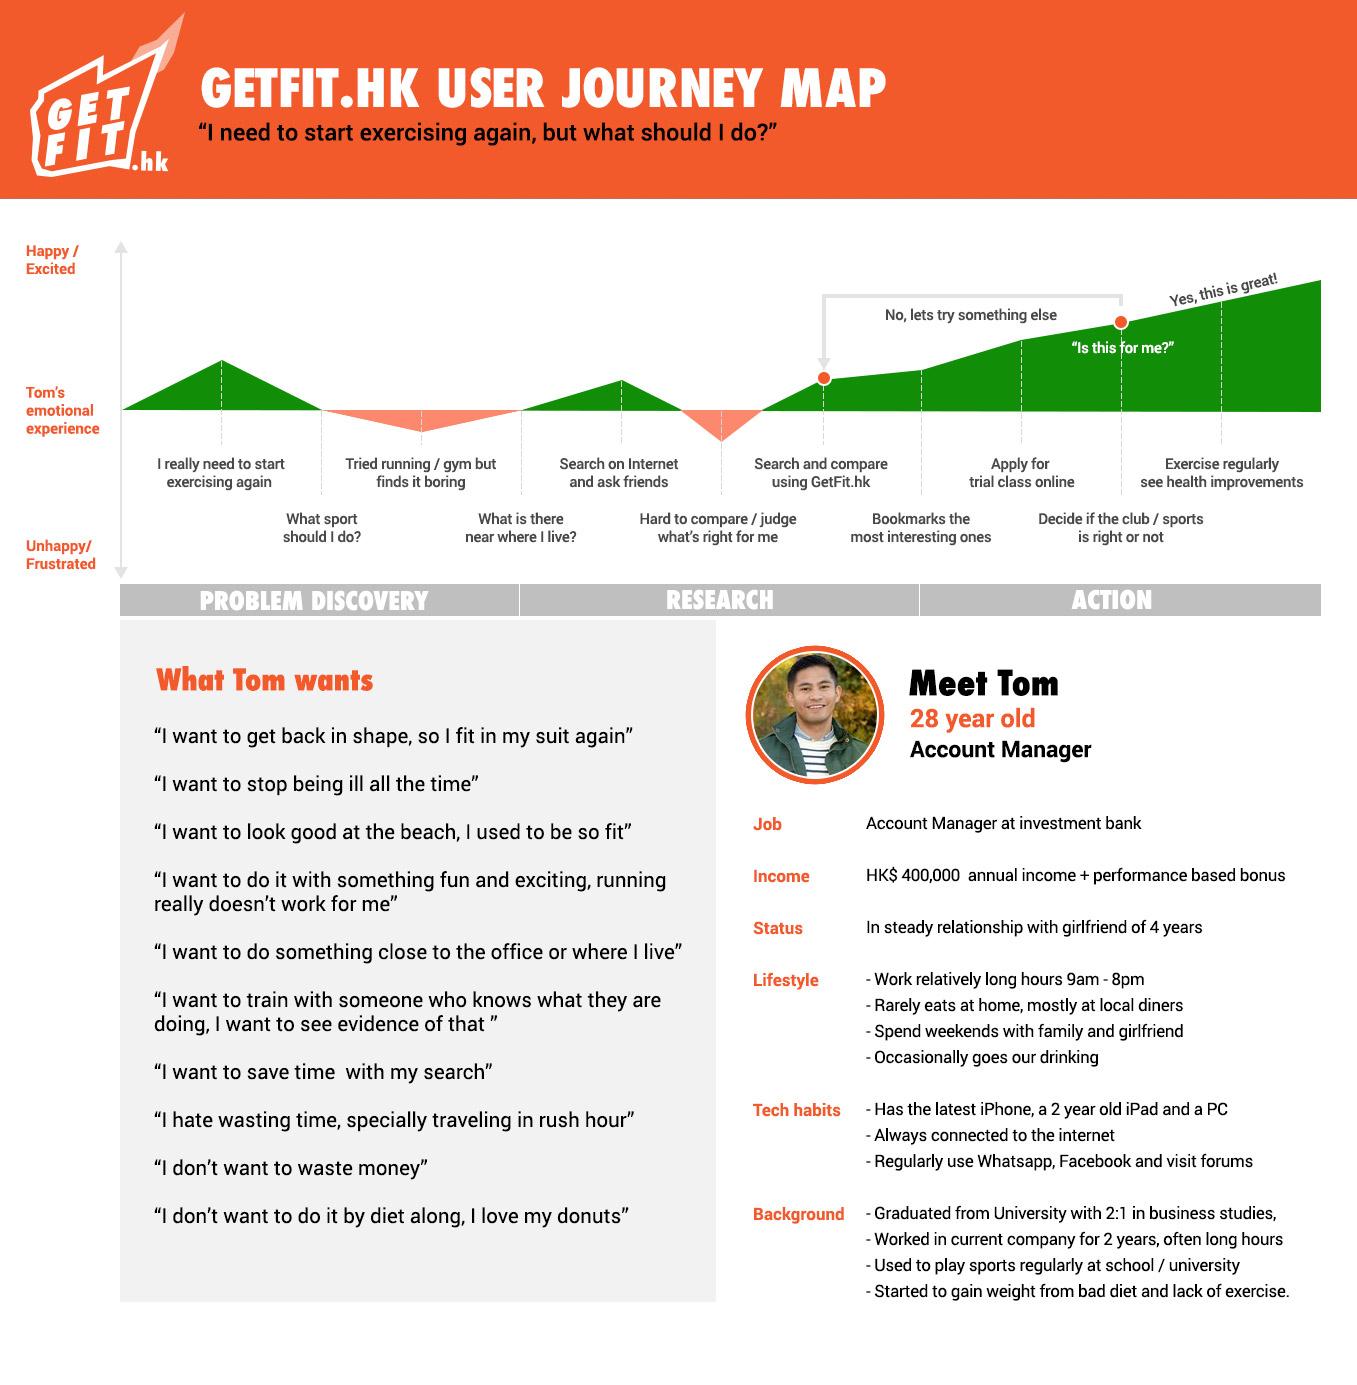 getfit.hk-journey-map